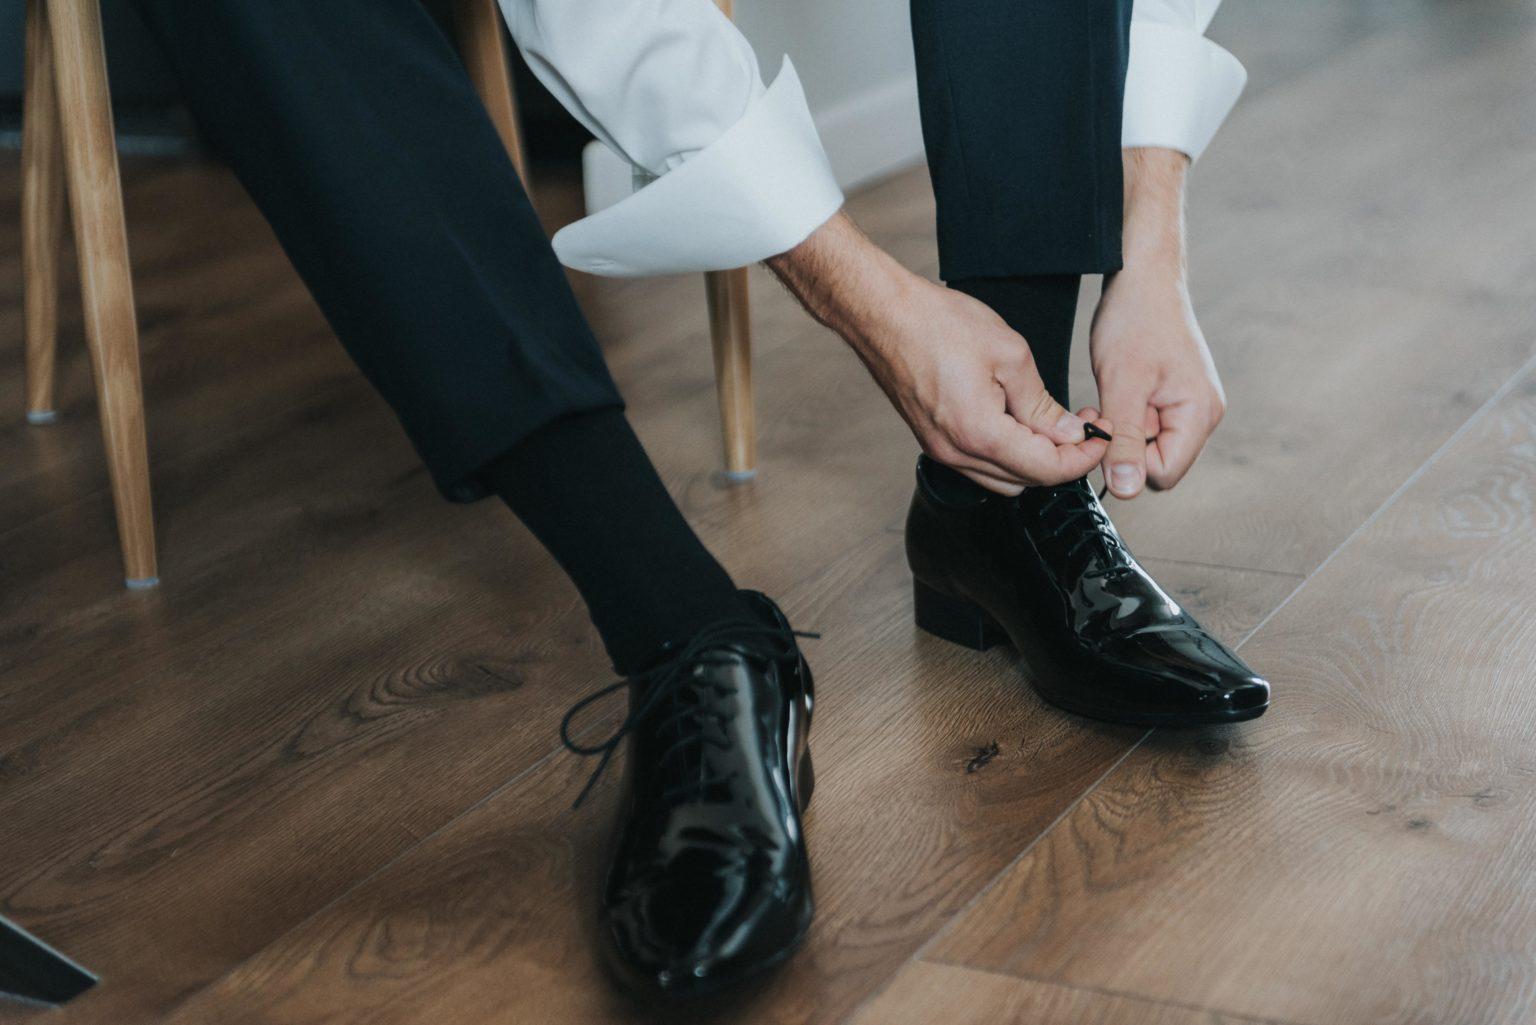 フリーターから正社員の就職が難しい5つの理由【結論:就職できます】